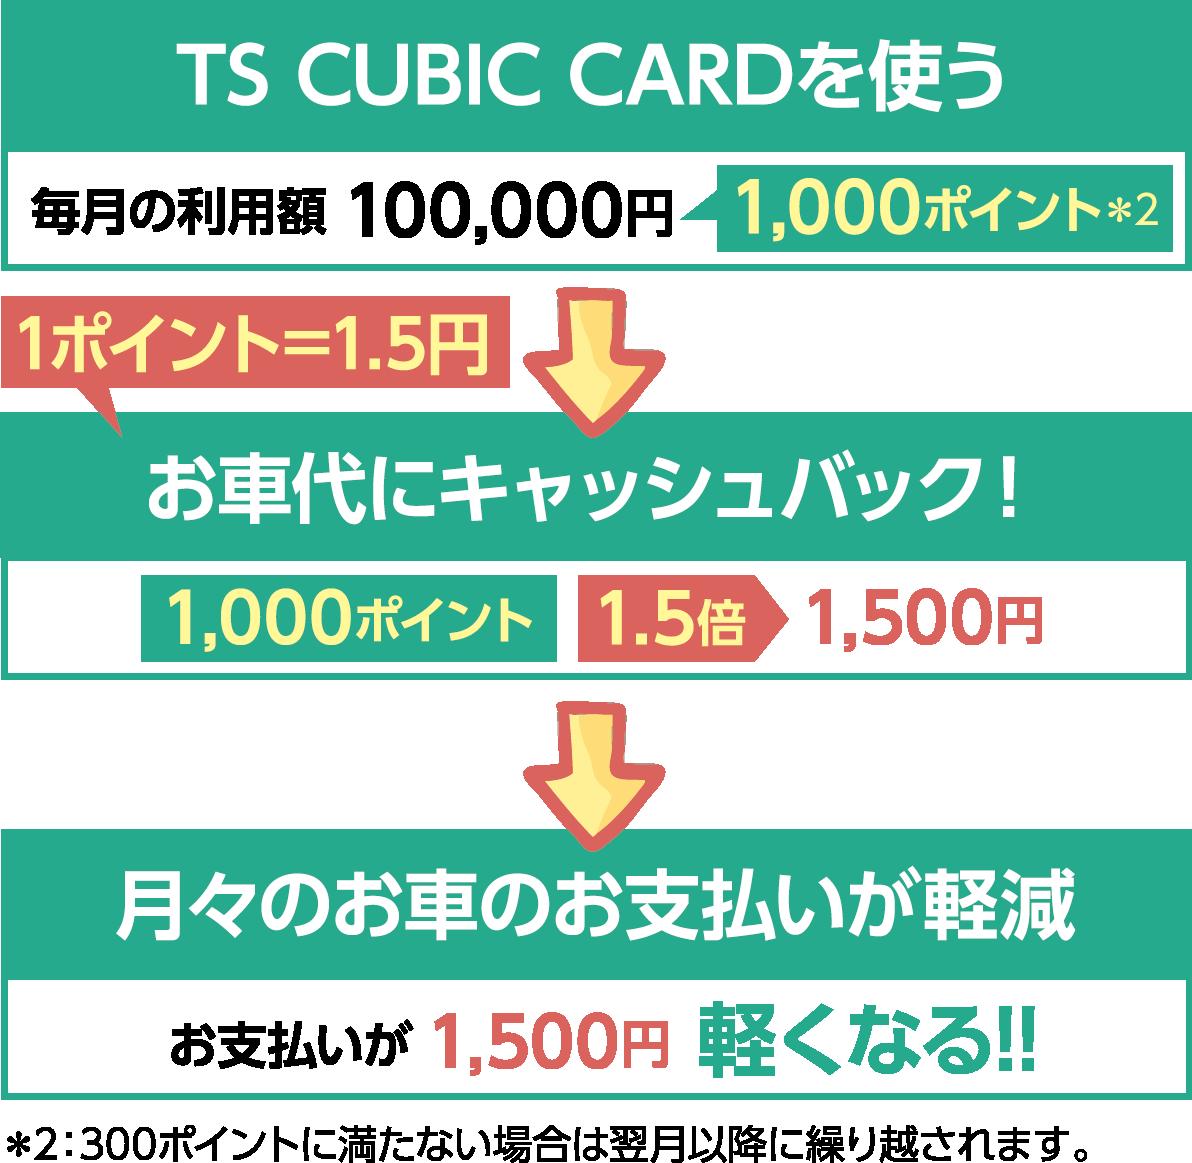 TS CUBIC CARDを使う→お車代にキャッシュバック!→月々の車のお支払いが軽減